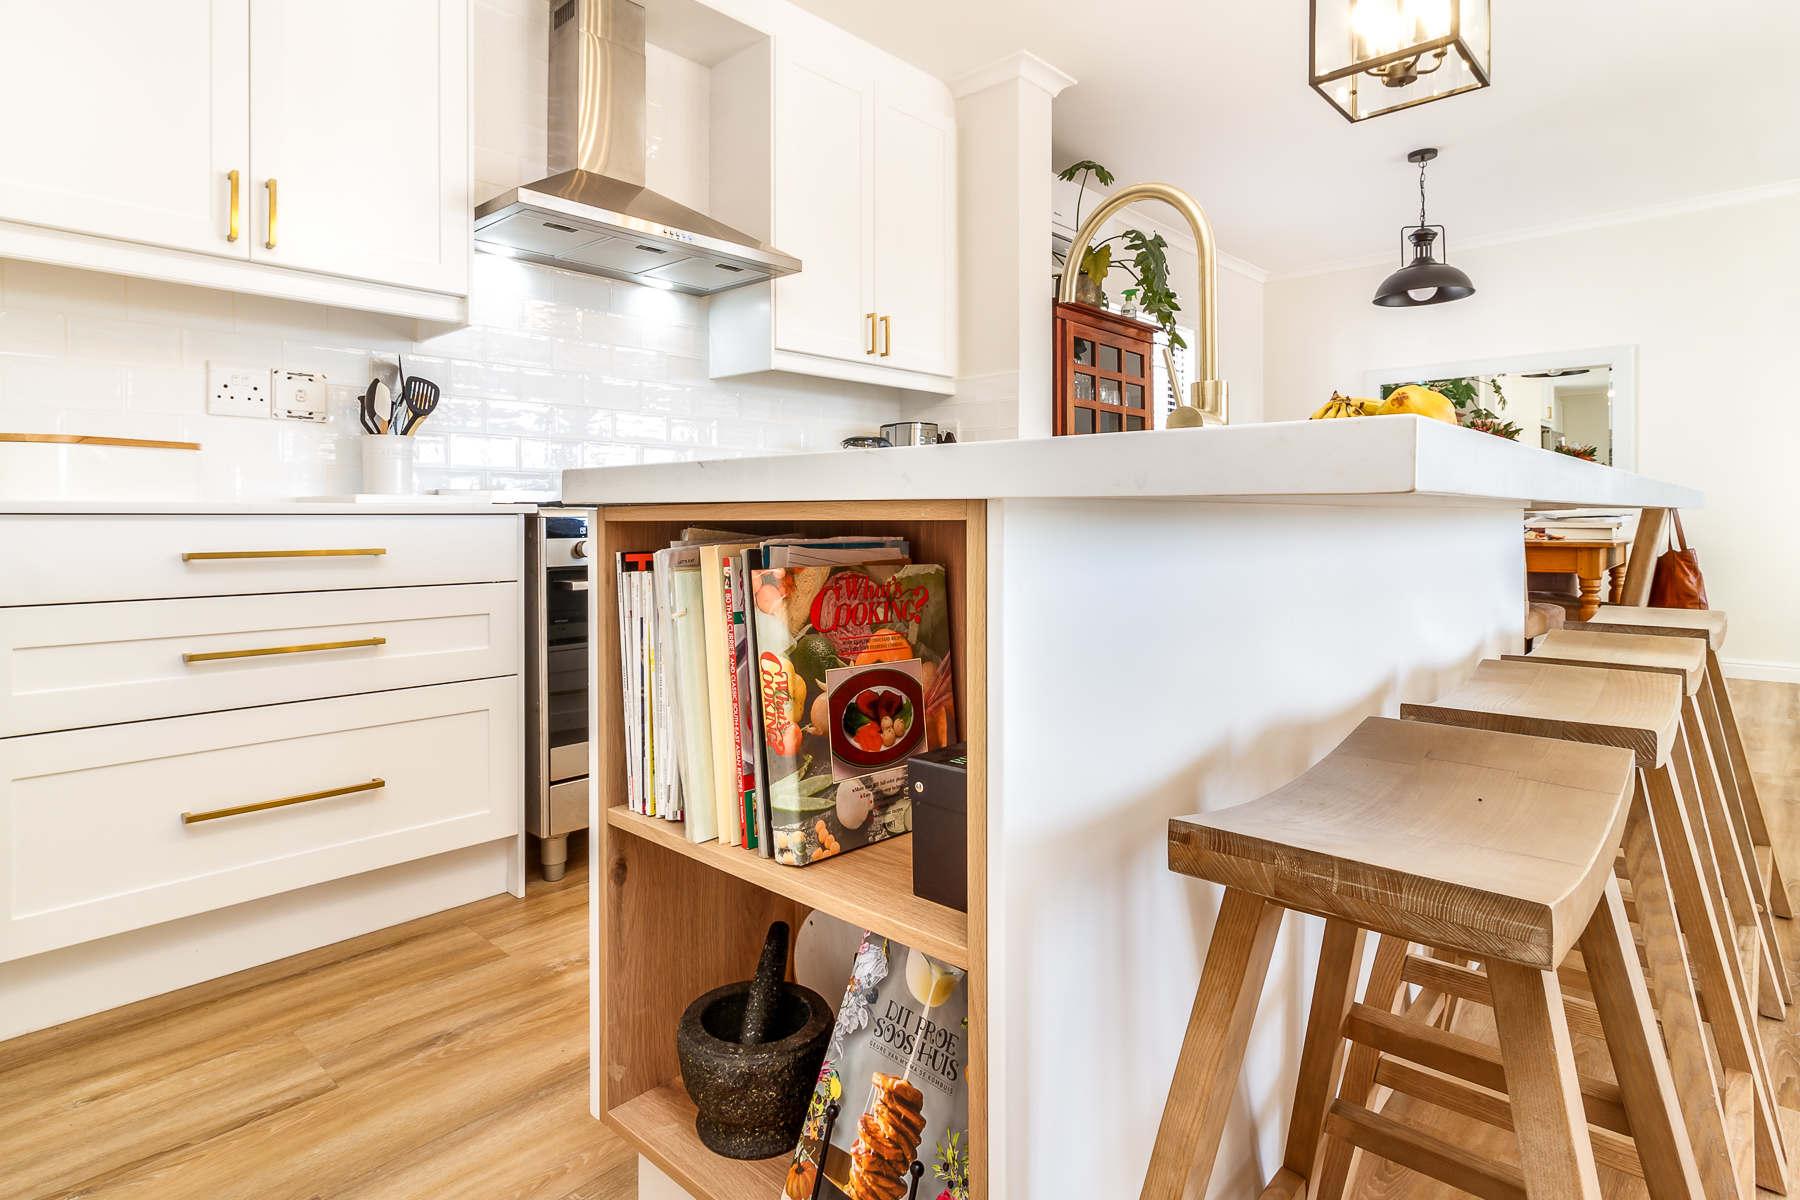 Veenstra kitchen 4